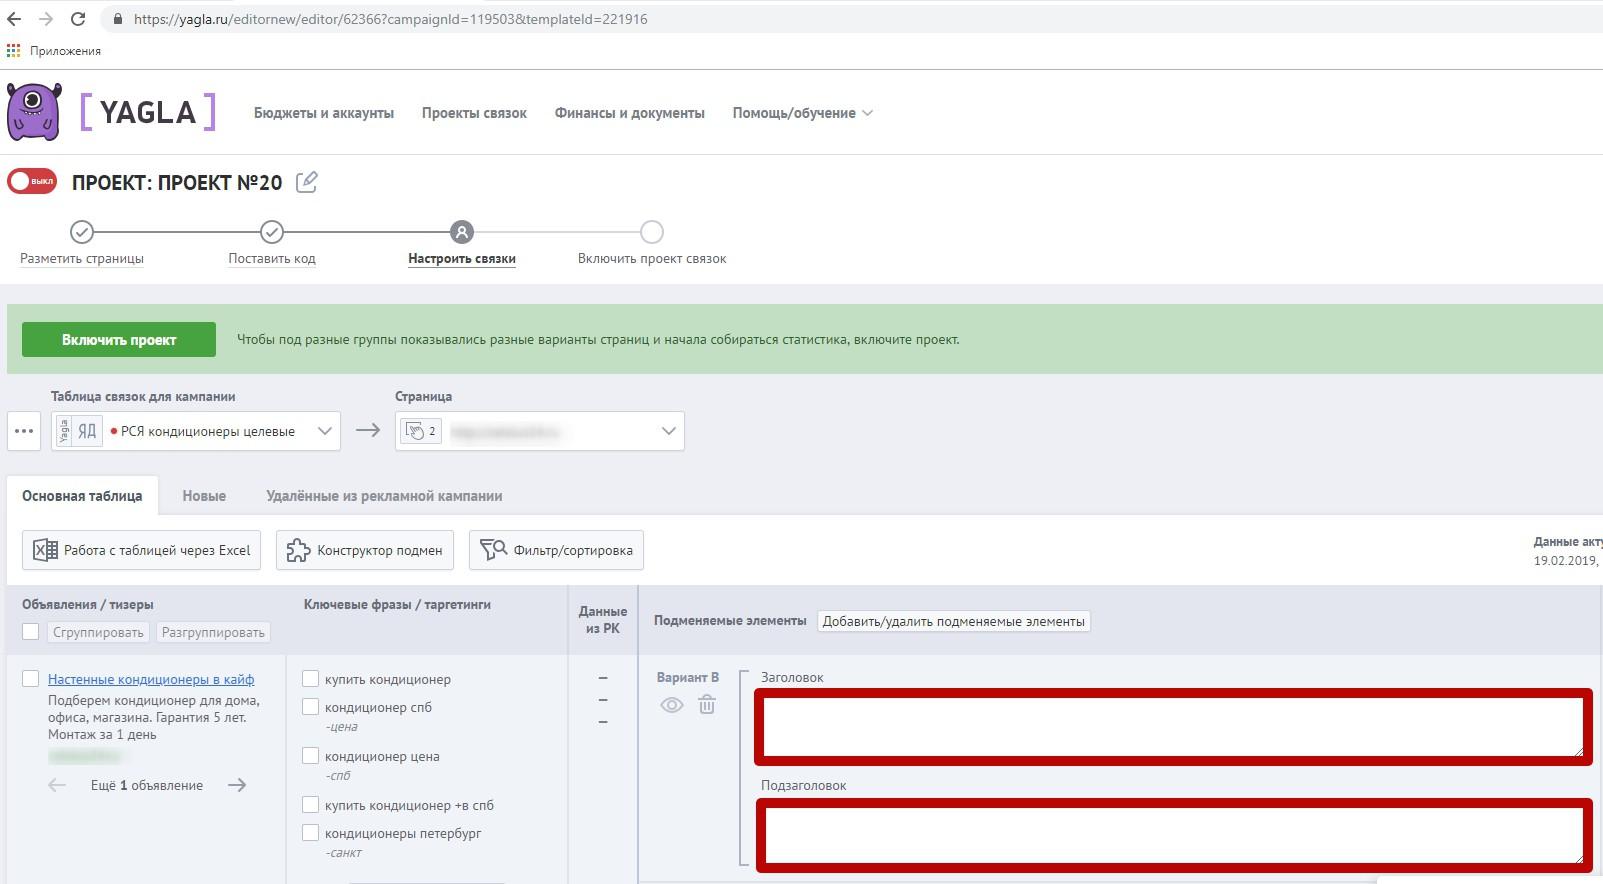 Мультилендинг – заполнение таблицы подмен в Yagla